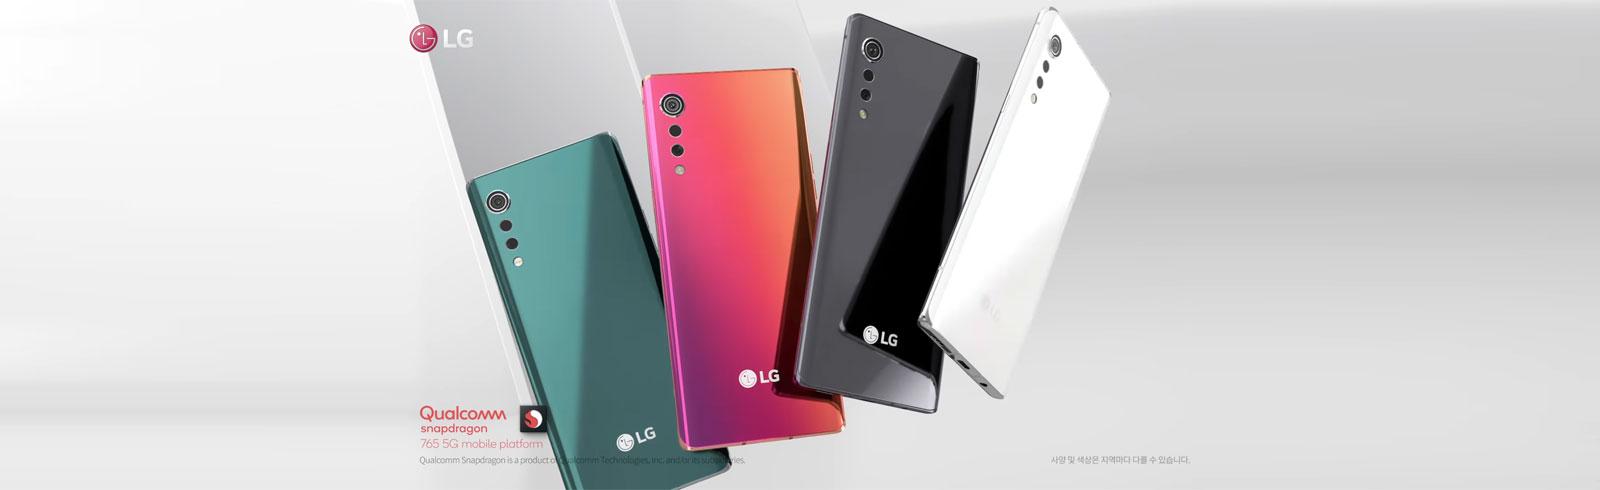 LG Velvet will be announced on May 7